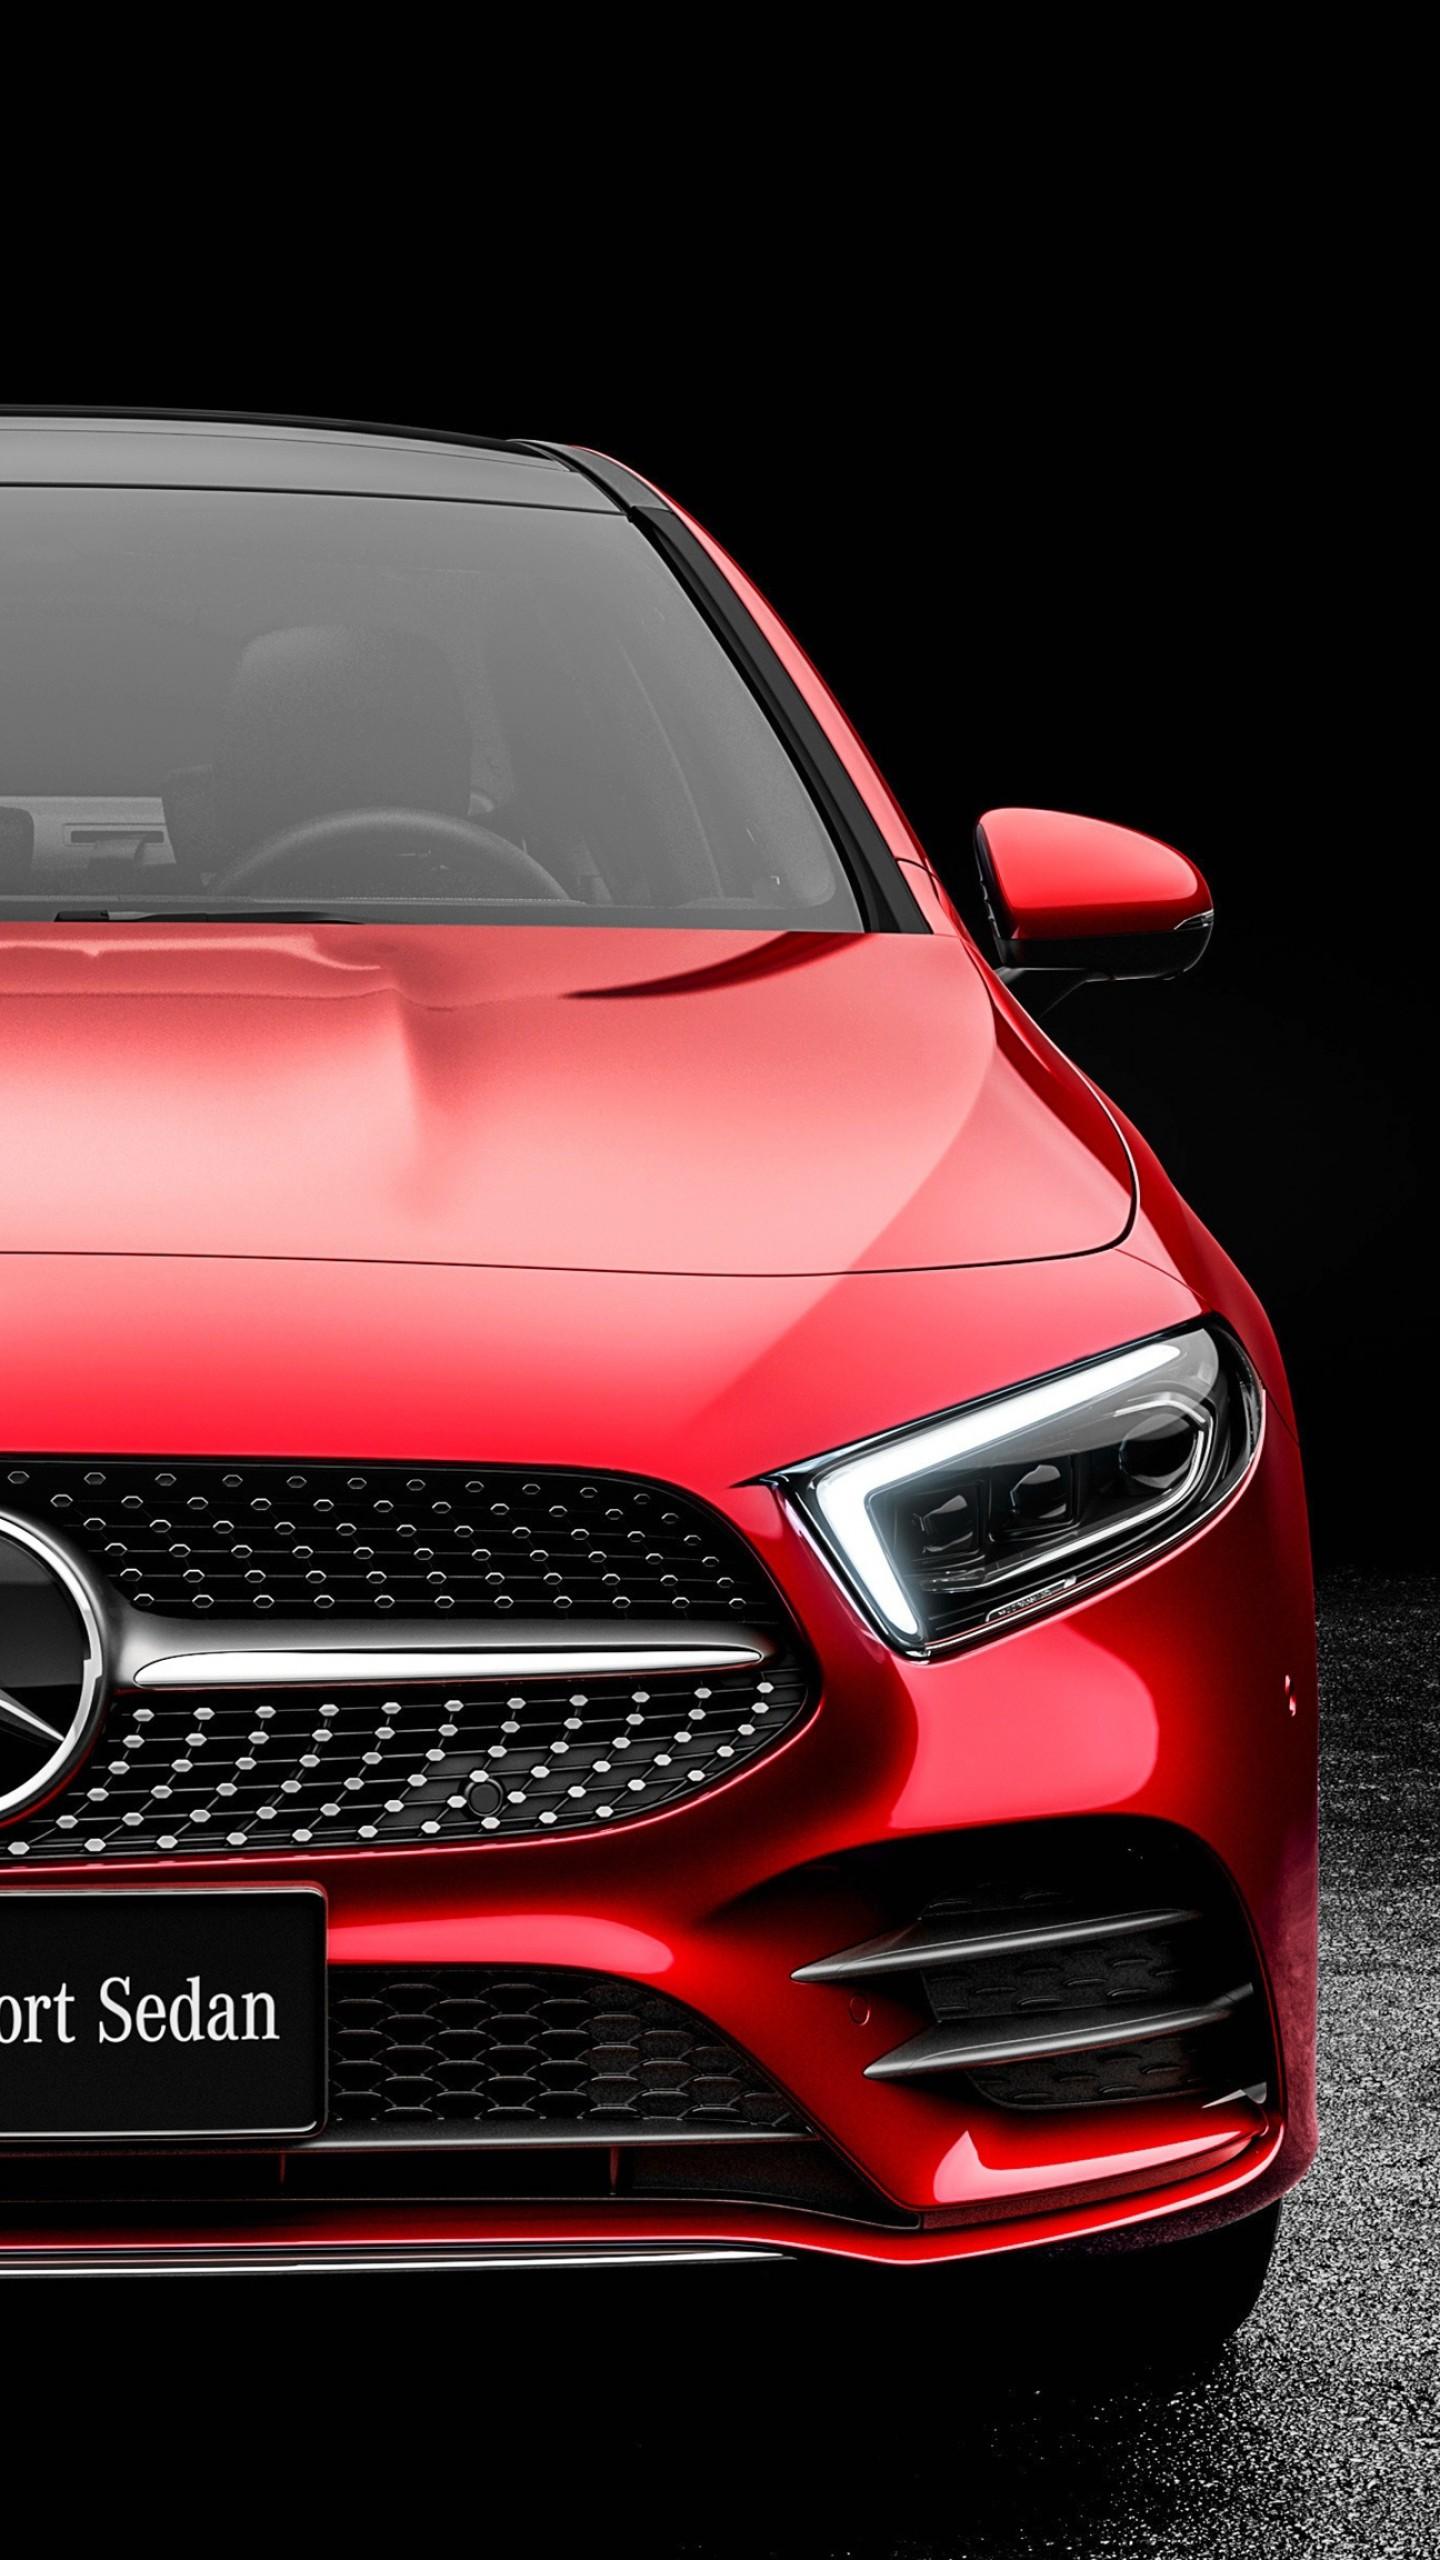 Wallpaper Mercedes Benz A Class L Sedan 2019 Cars 4k